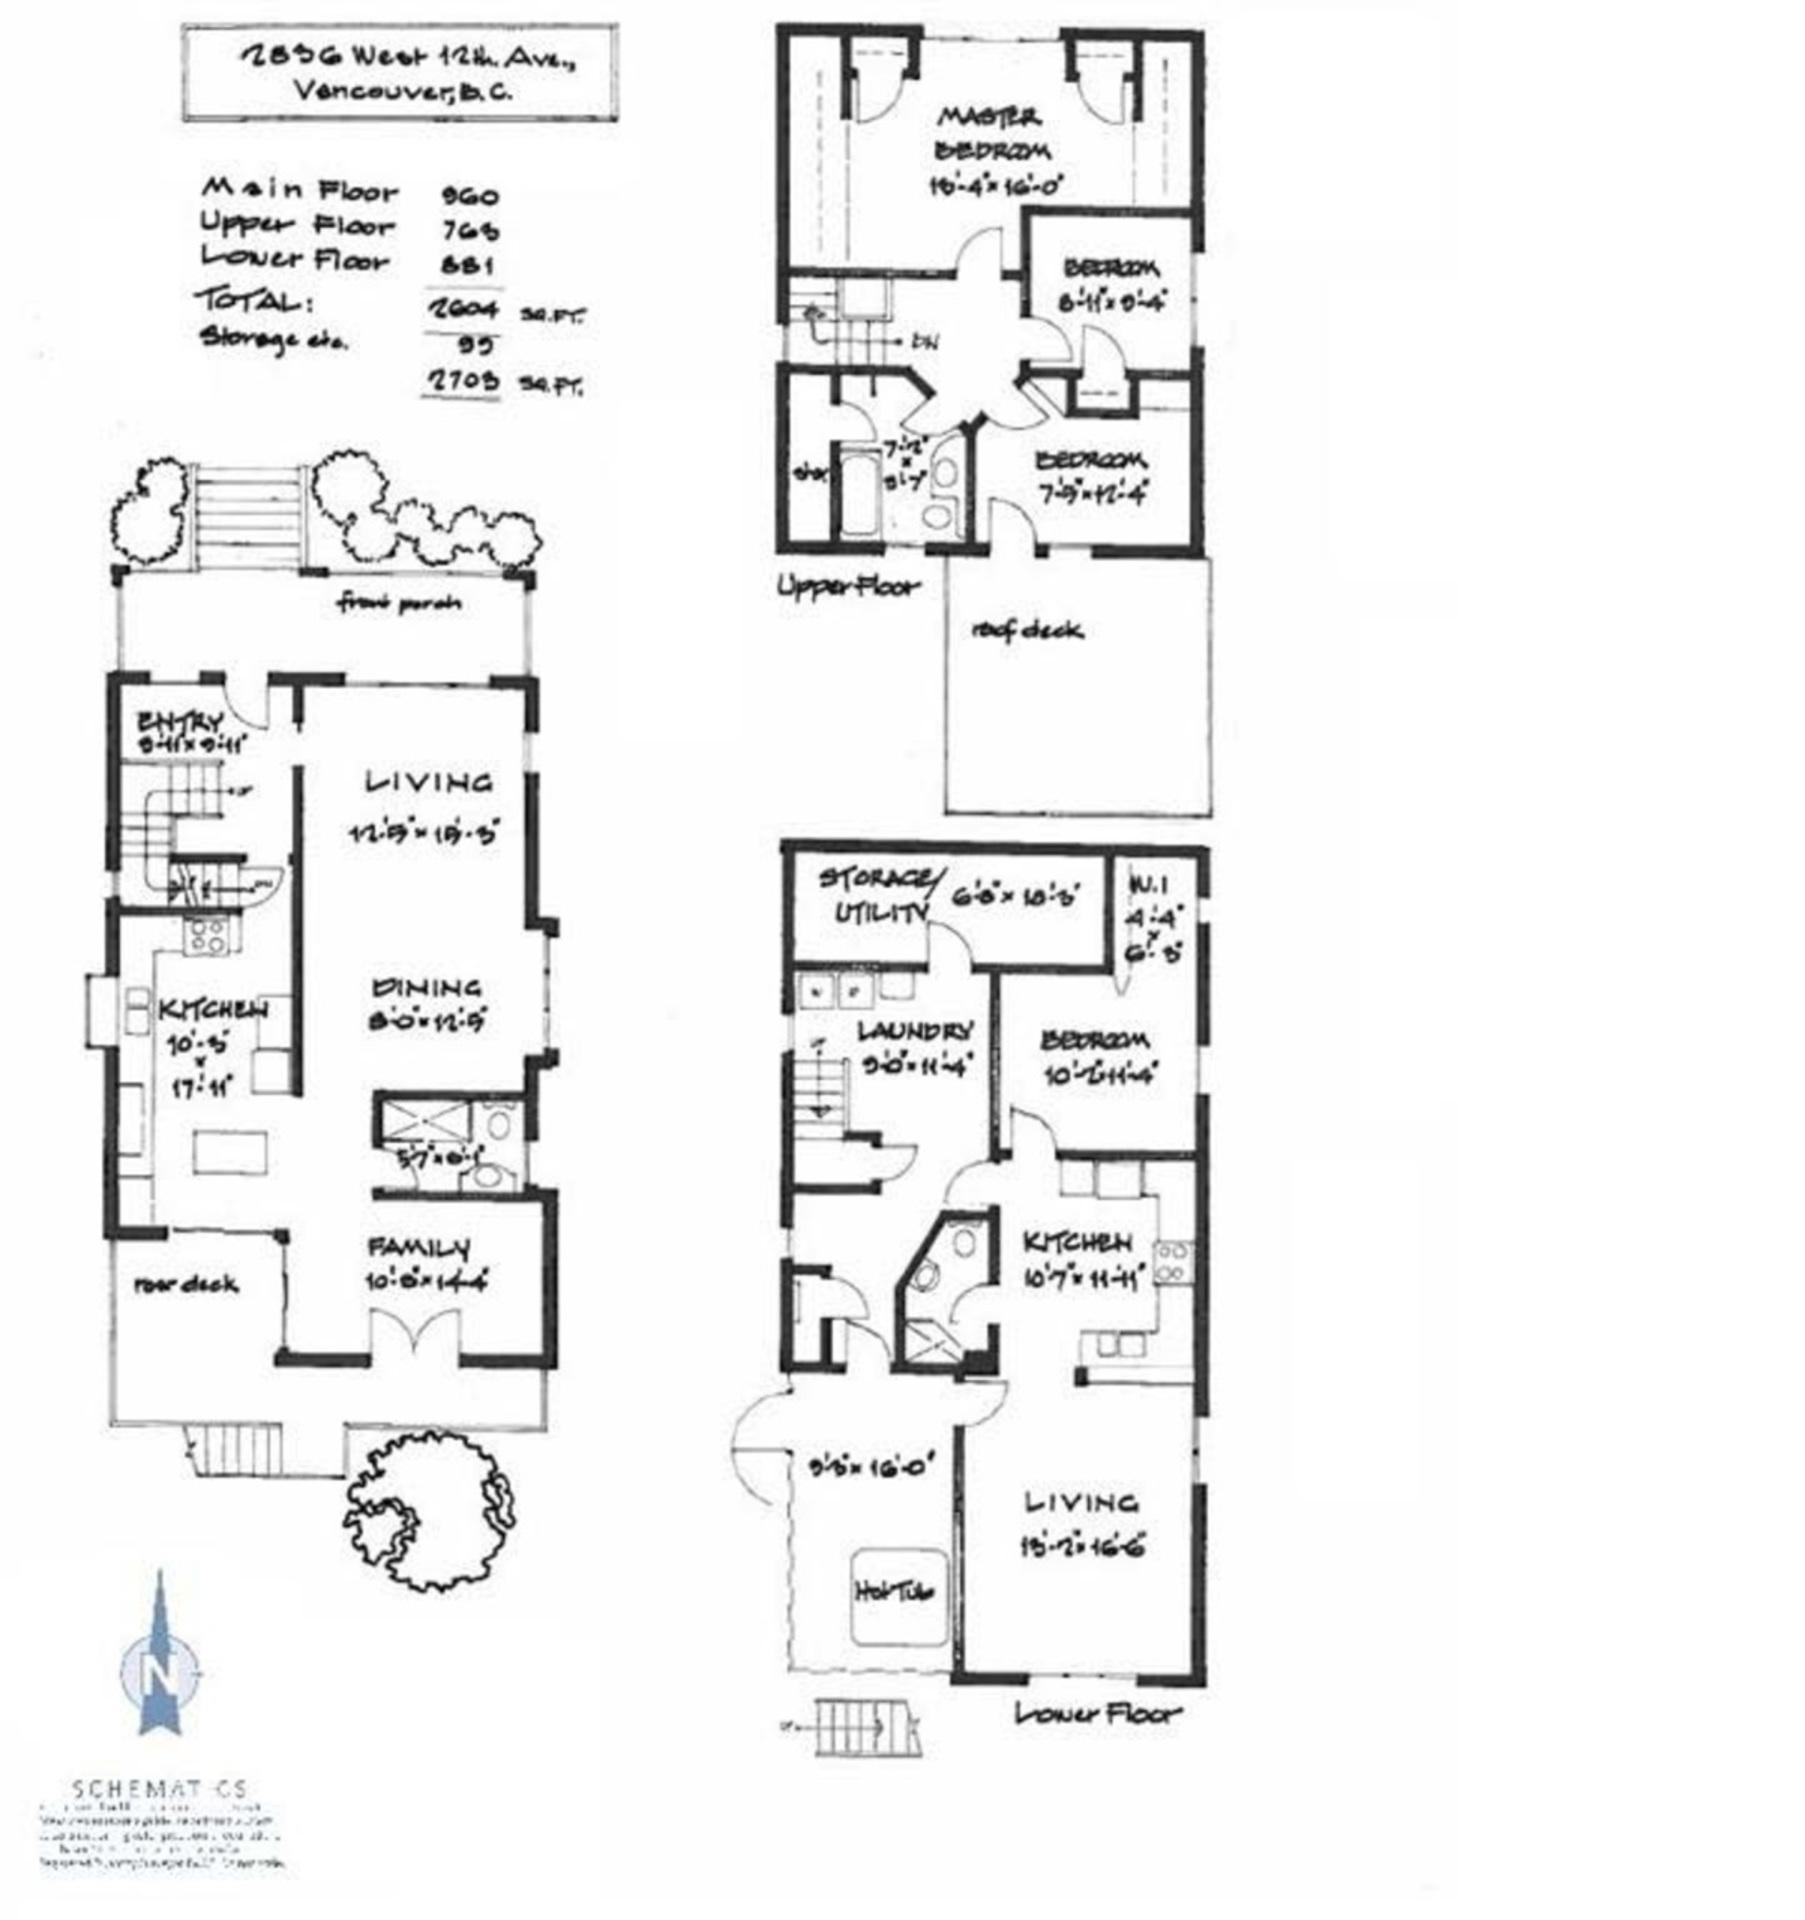 2836-w-12th-avenue-kitsilano-vancouver-west-20 at 2836 W 12th Avenue, Kitsilano, Vancouver West